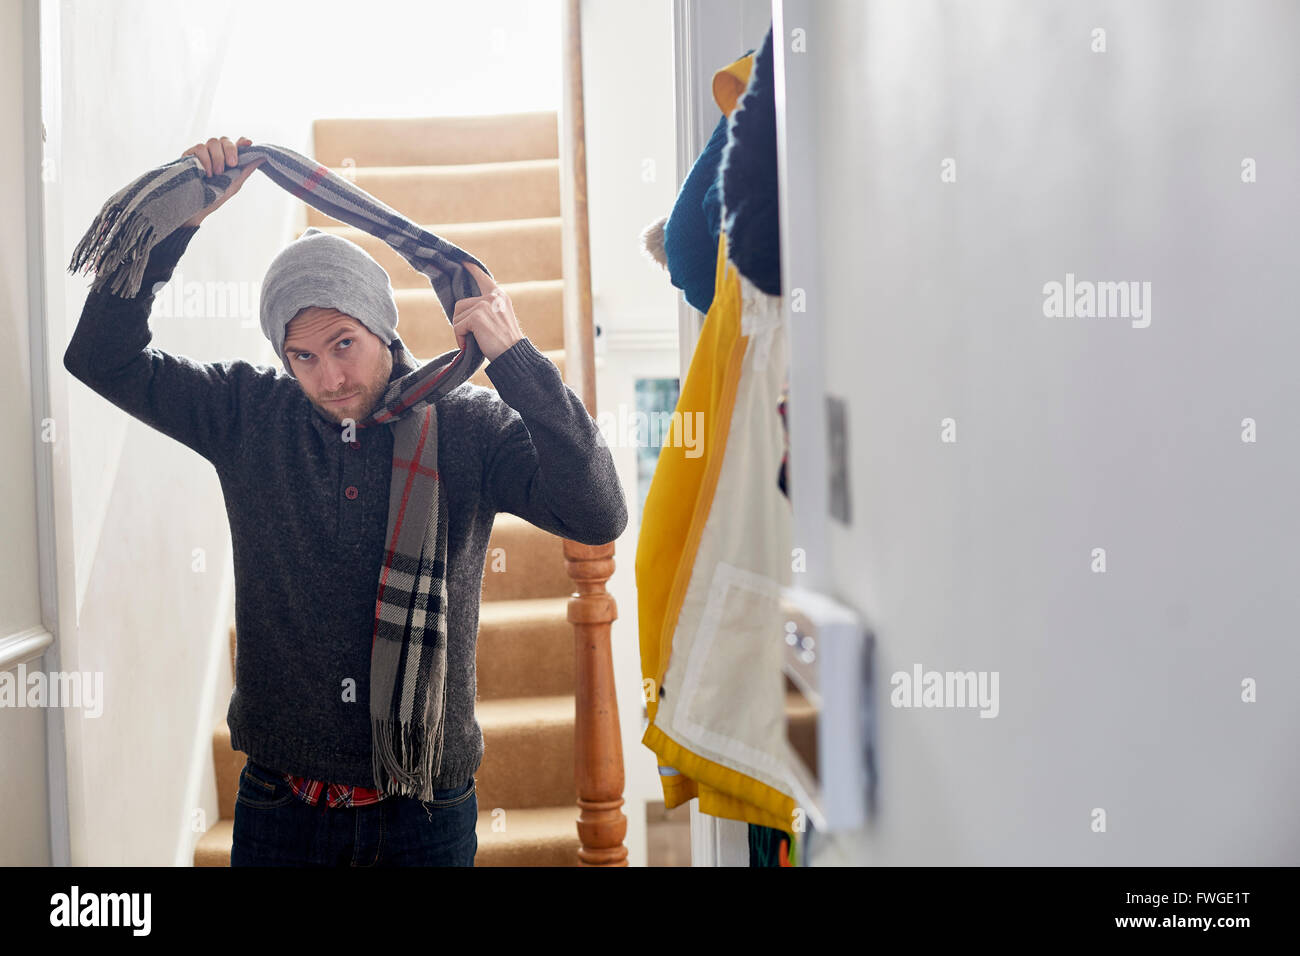 Un hombre en un abrigo, sombrero y bufanda de llegar a su casa, teniendo su bufanda off. Foto de stock